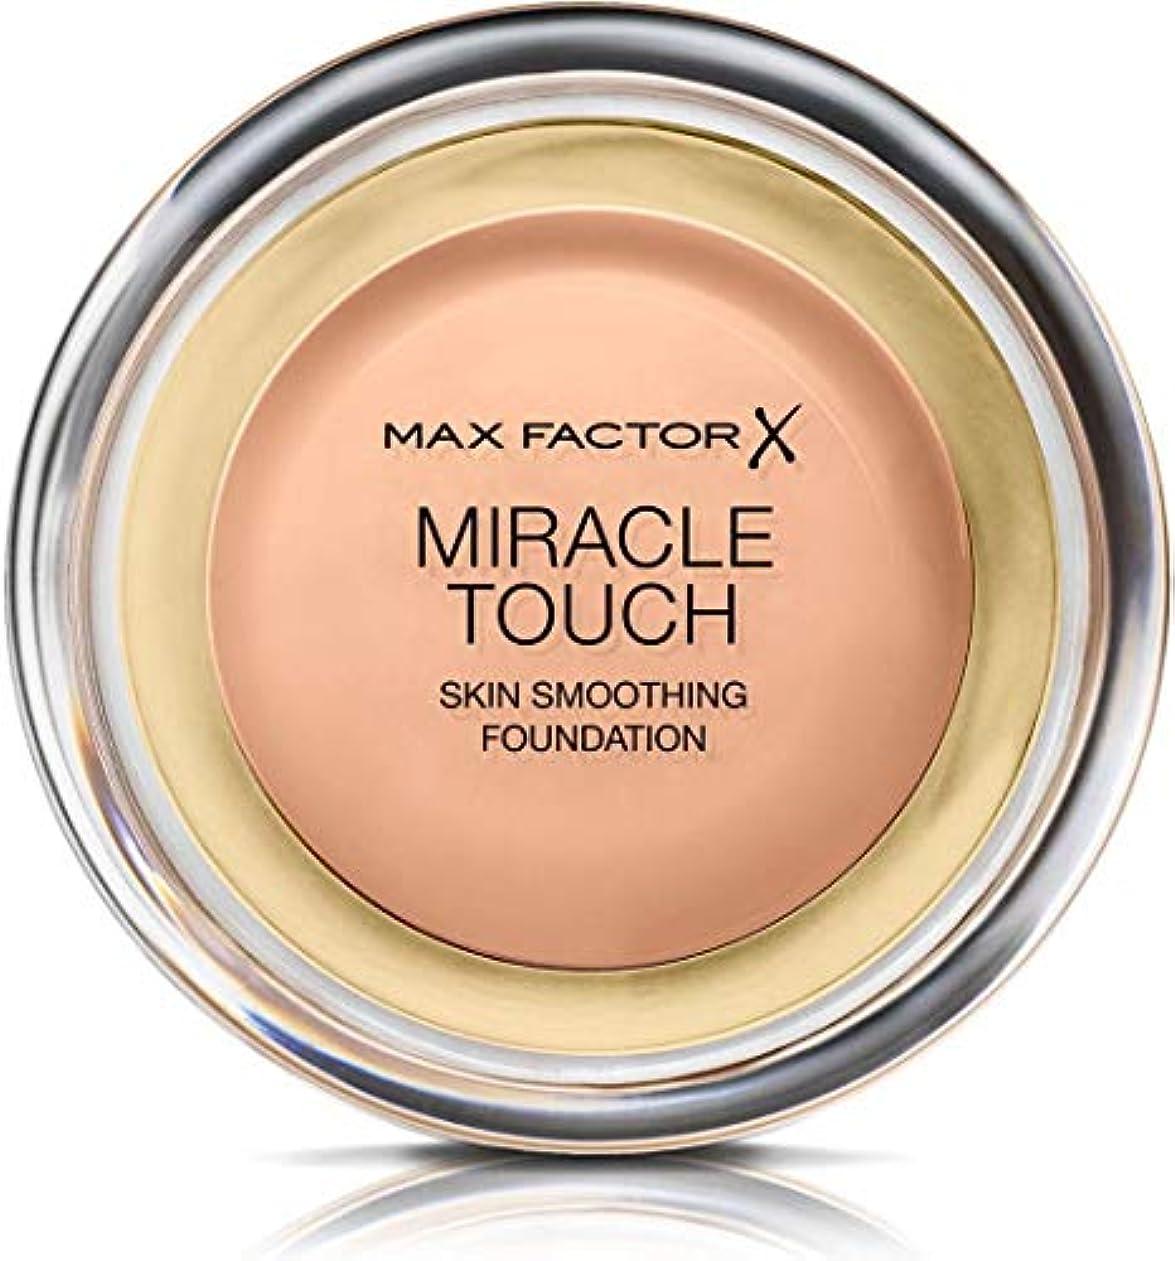 熟達安全でない読みやすいマックス ファクター ミラクル タッチ スキン スムーズ ファウンデーション - ローズ ベージュ Max Factor Miracle Touch Skin Smoothing Foundation - Rose Beige...